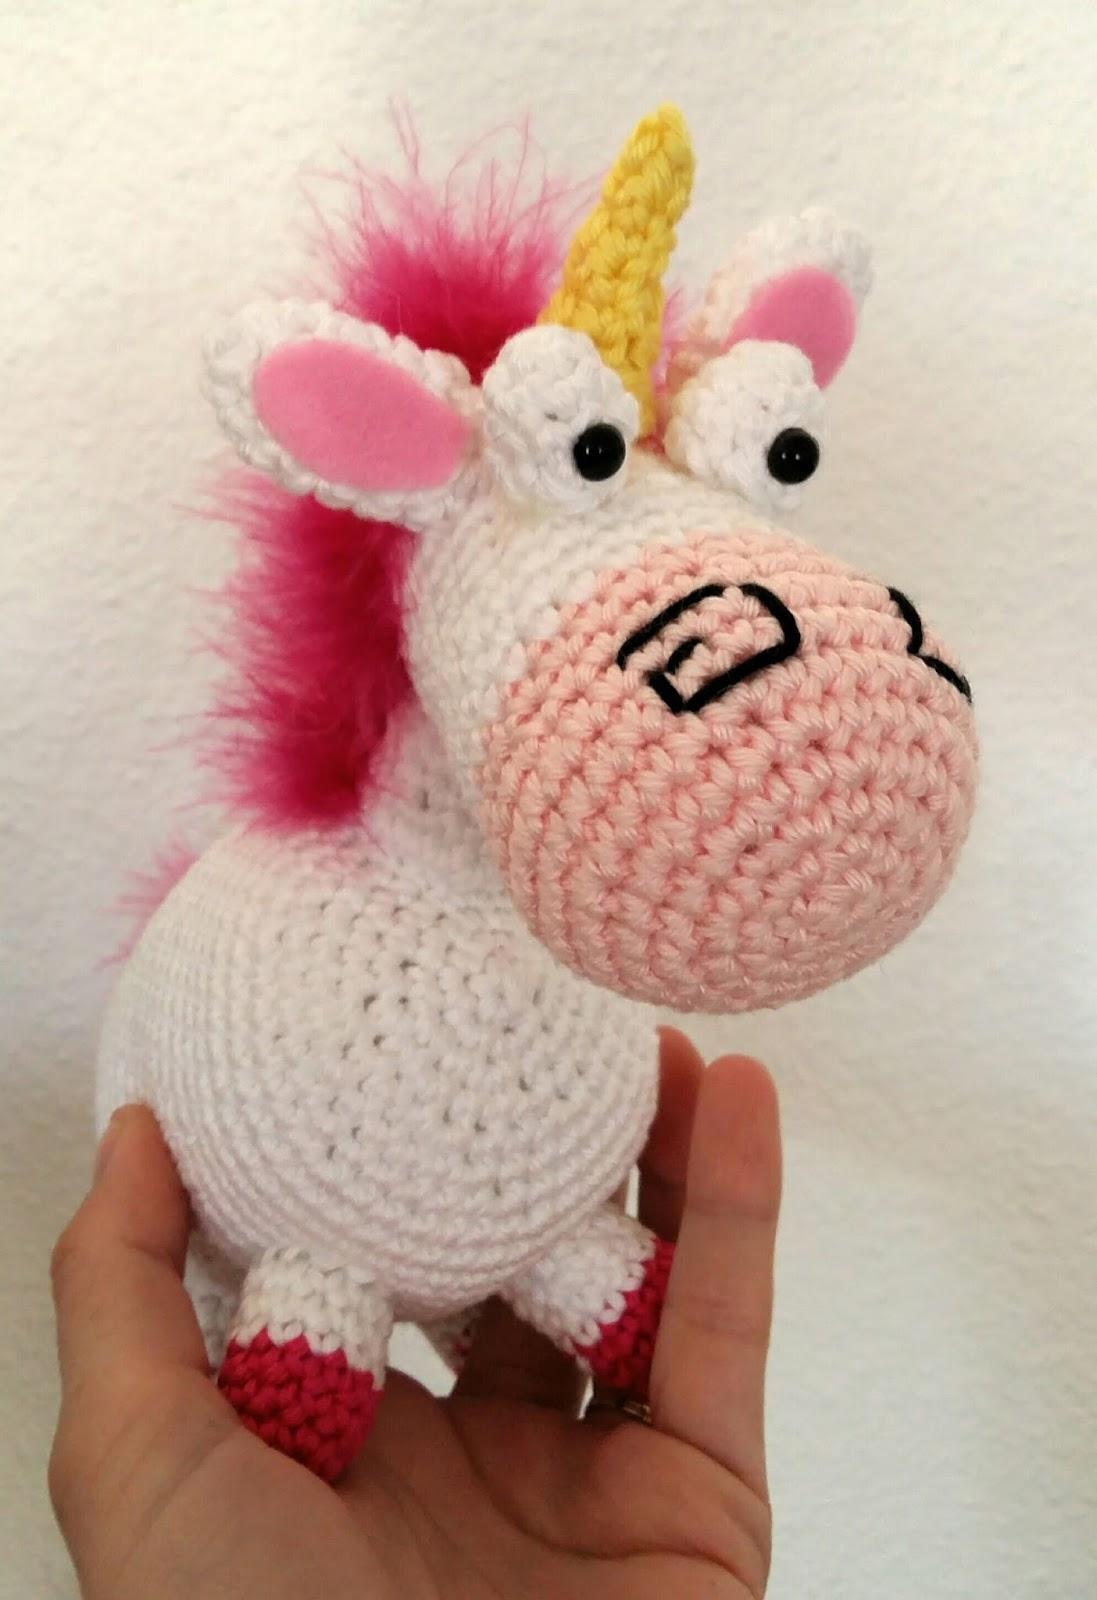 Populaire Fée du tricot: La licorne de la petite Agnès au crochet *tuto inside* XT15